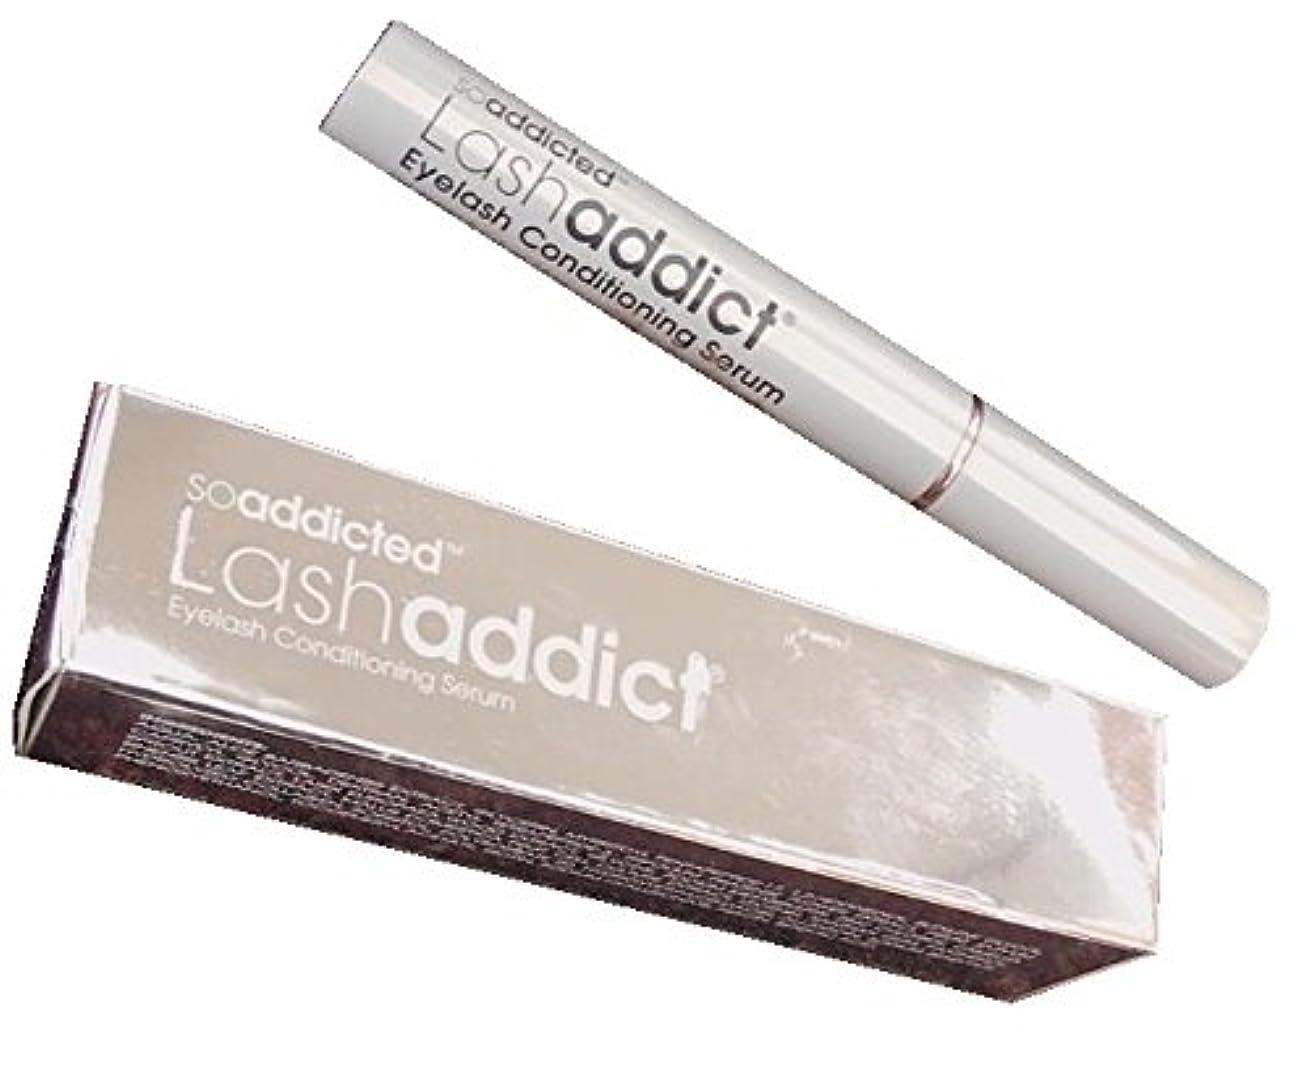 ウッズとラバラッシュアディクト アイラッシュ コンディショニング セラム 5ml (まつ毛美容液) -Lashaddict I LASH-